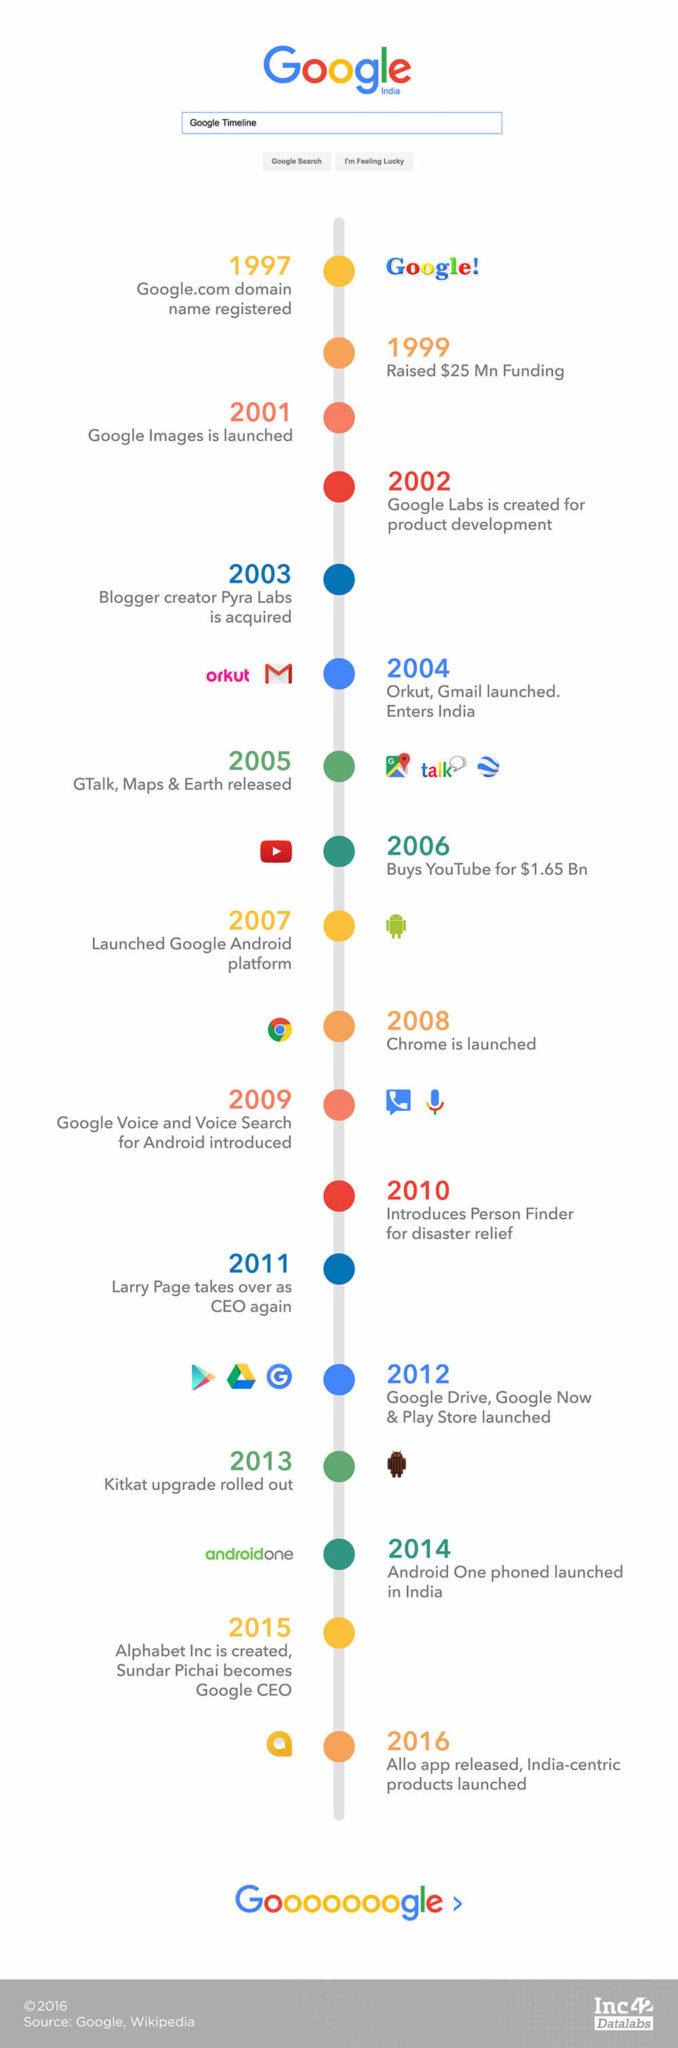 google-timeline-1